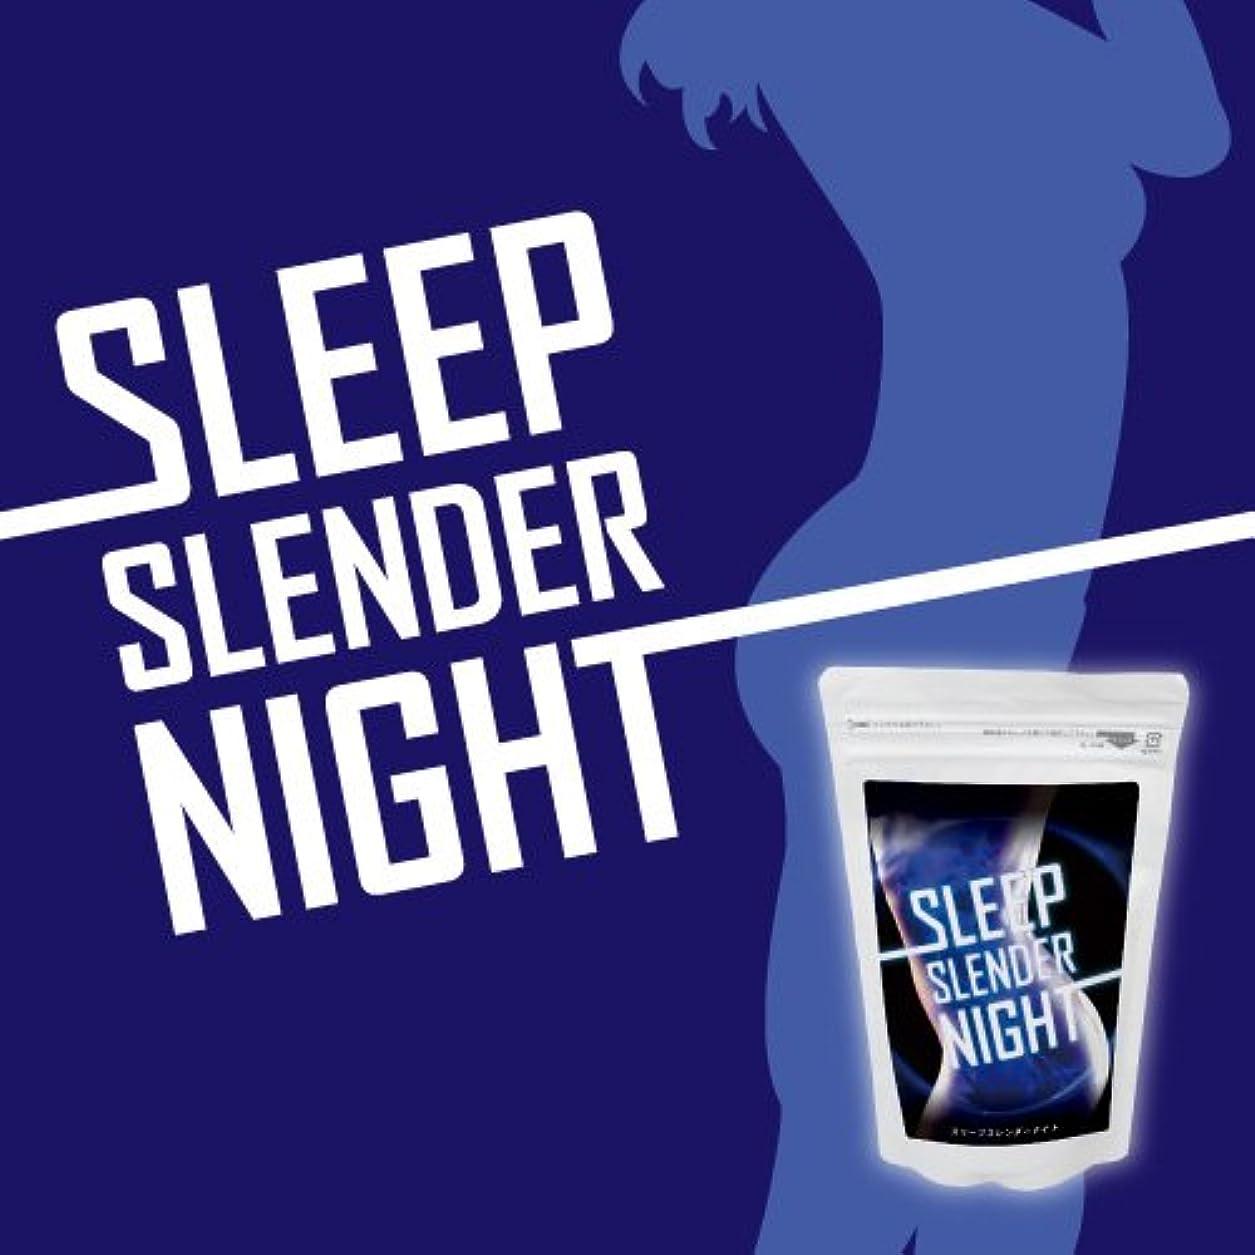 ヒステリック温帯政治的Sleep Slender Night(スリープスレンダーナイト) ダイエット ダイエットサプリ 送料無料